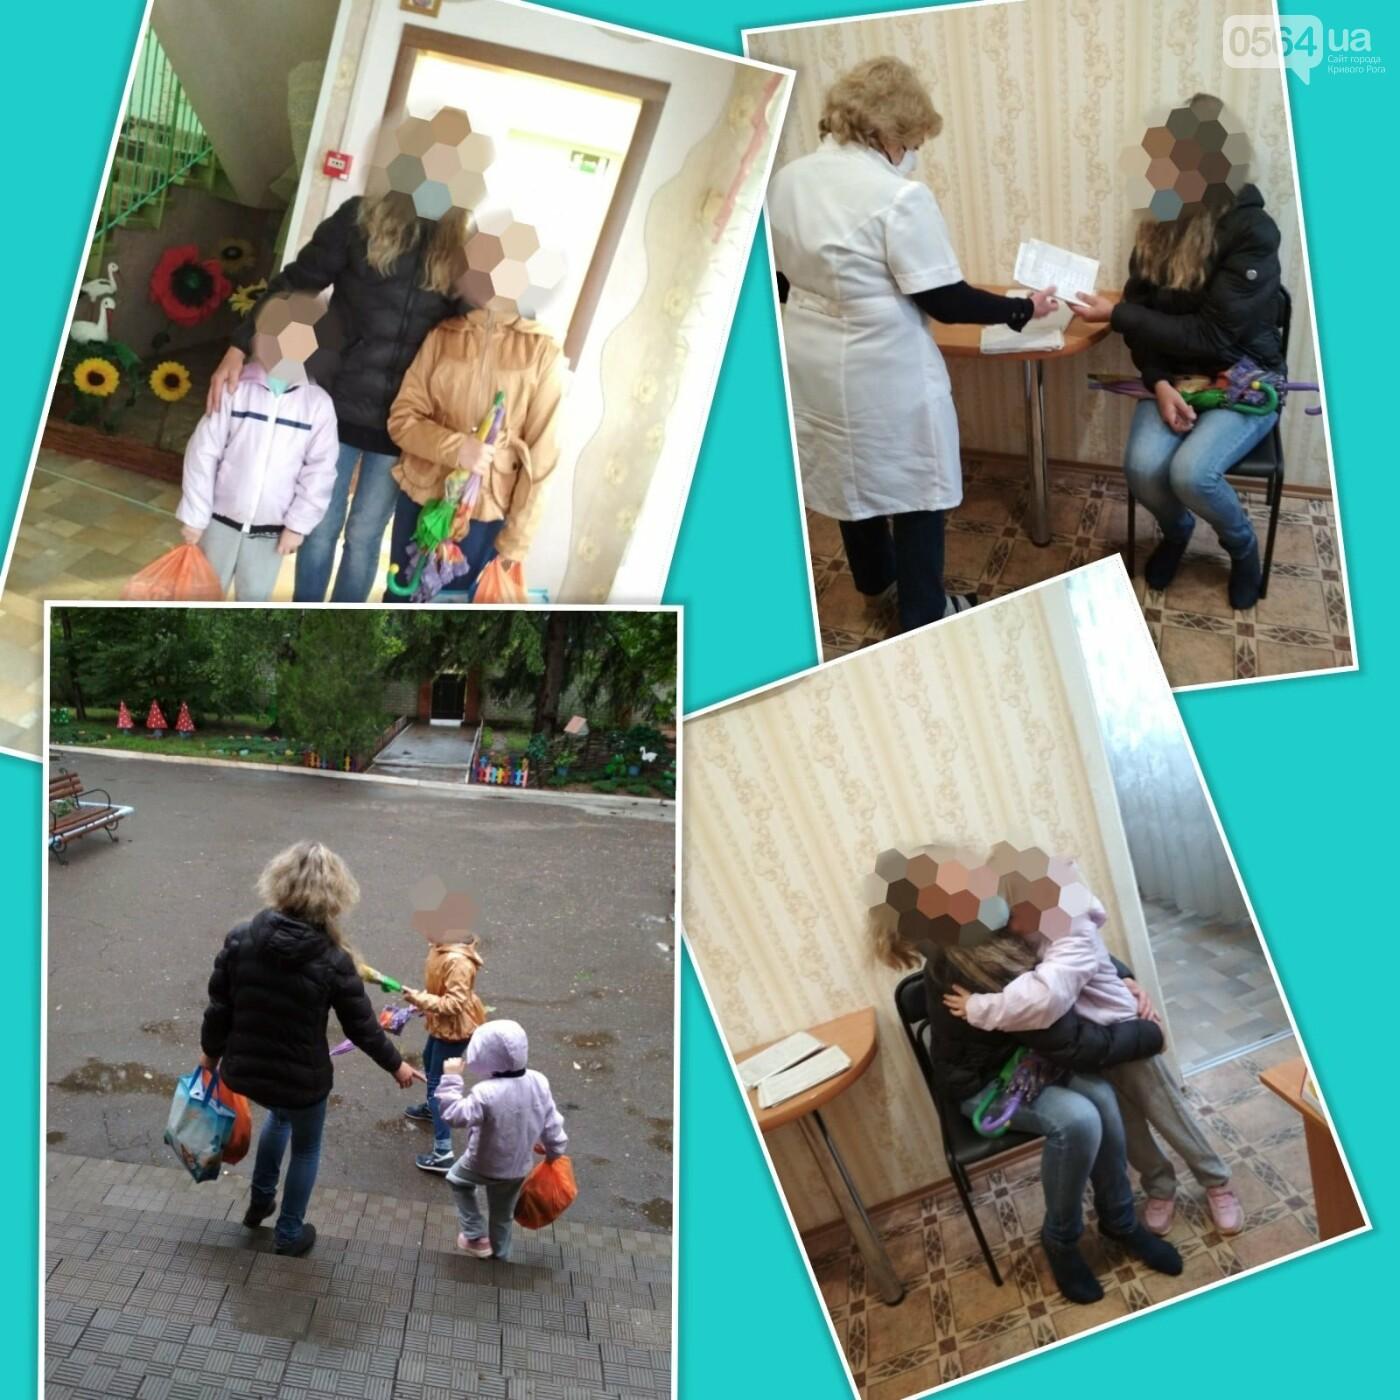 Закодировалась, навела порядок в жилище: в Кривом Роге 3-х малышей вернули матери, - ФОТО, фото-1